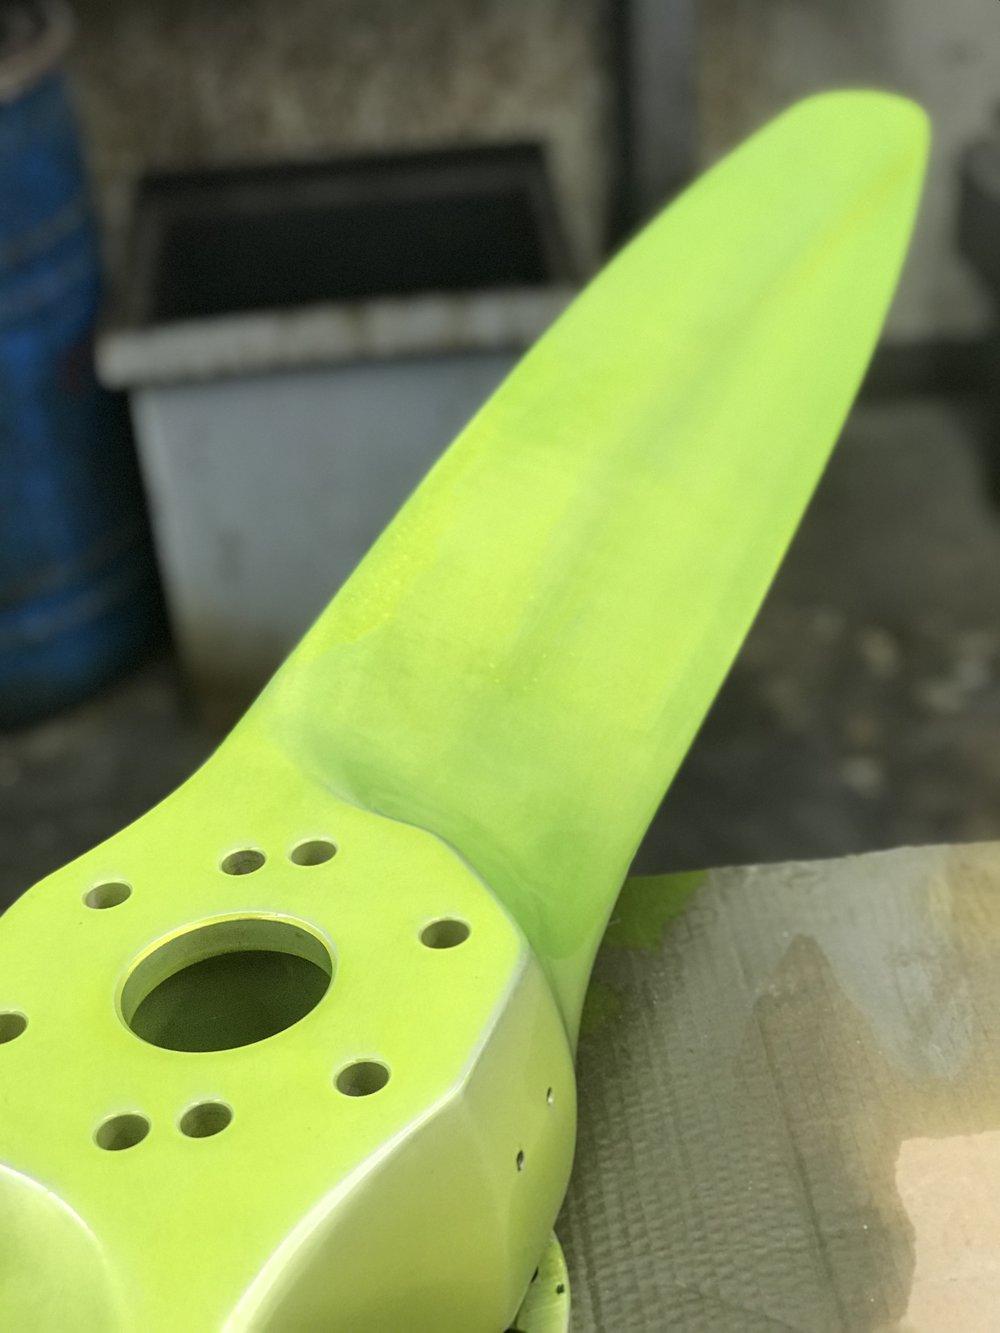 Solución penetrante colorante aplicada a una hélice de paso fijo. Esto será inspeccionado por defectos bajo luz UV.